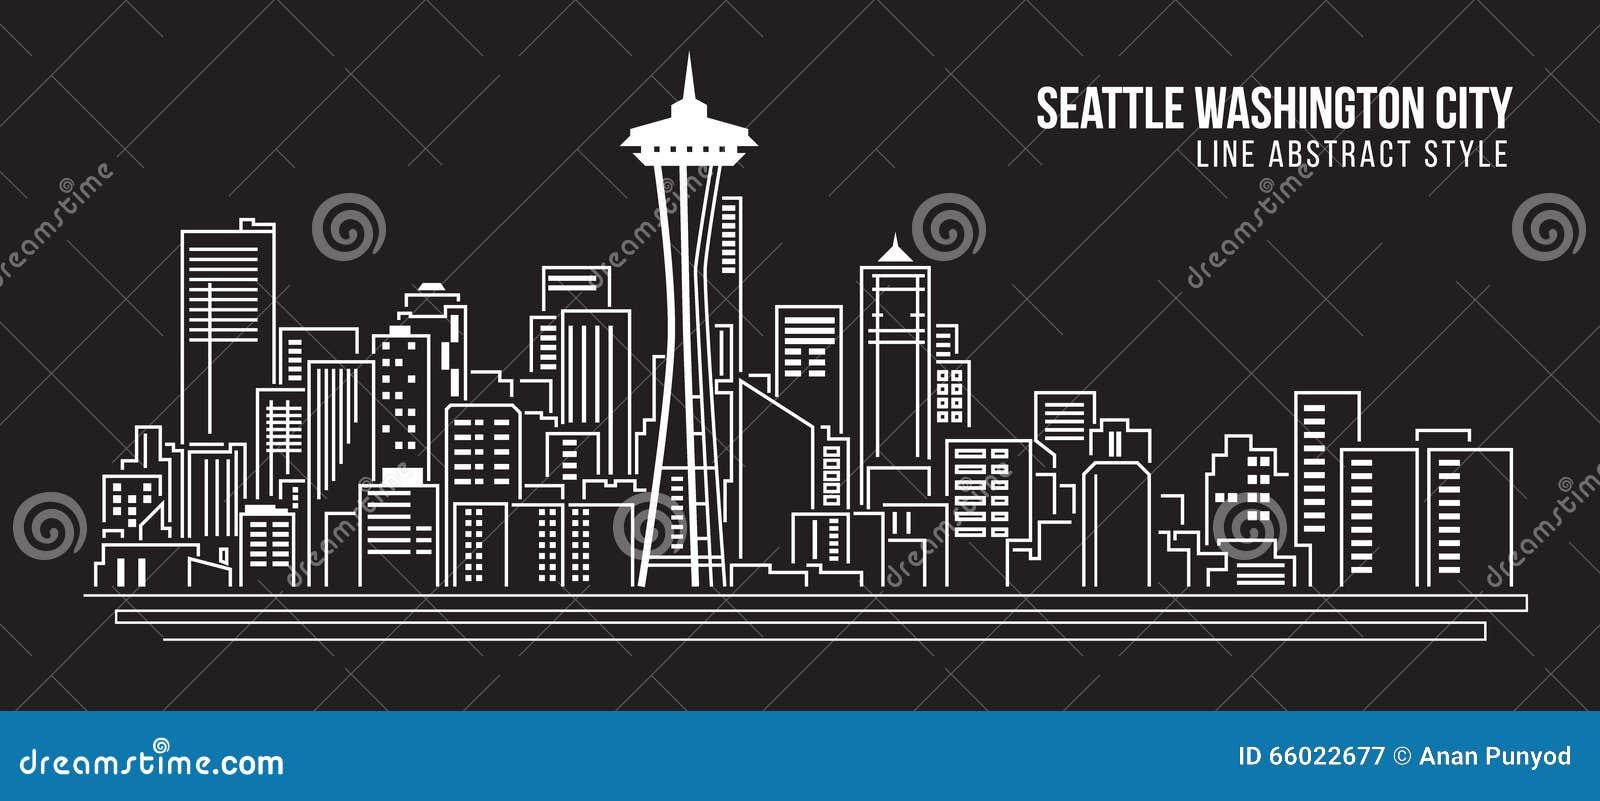 Line Art City : Cityscape building line art vector illustration design seattle